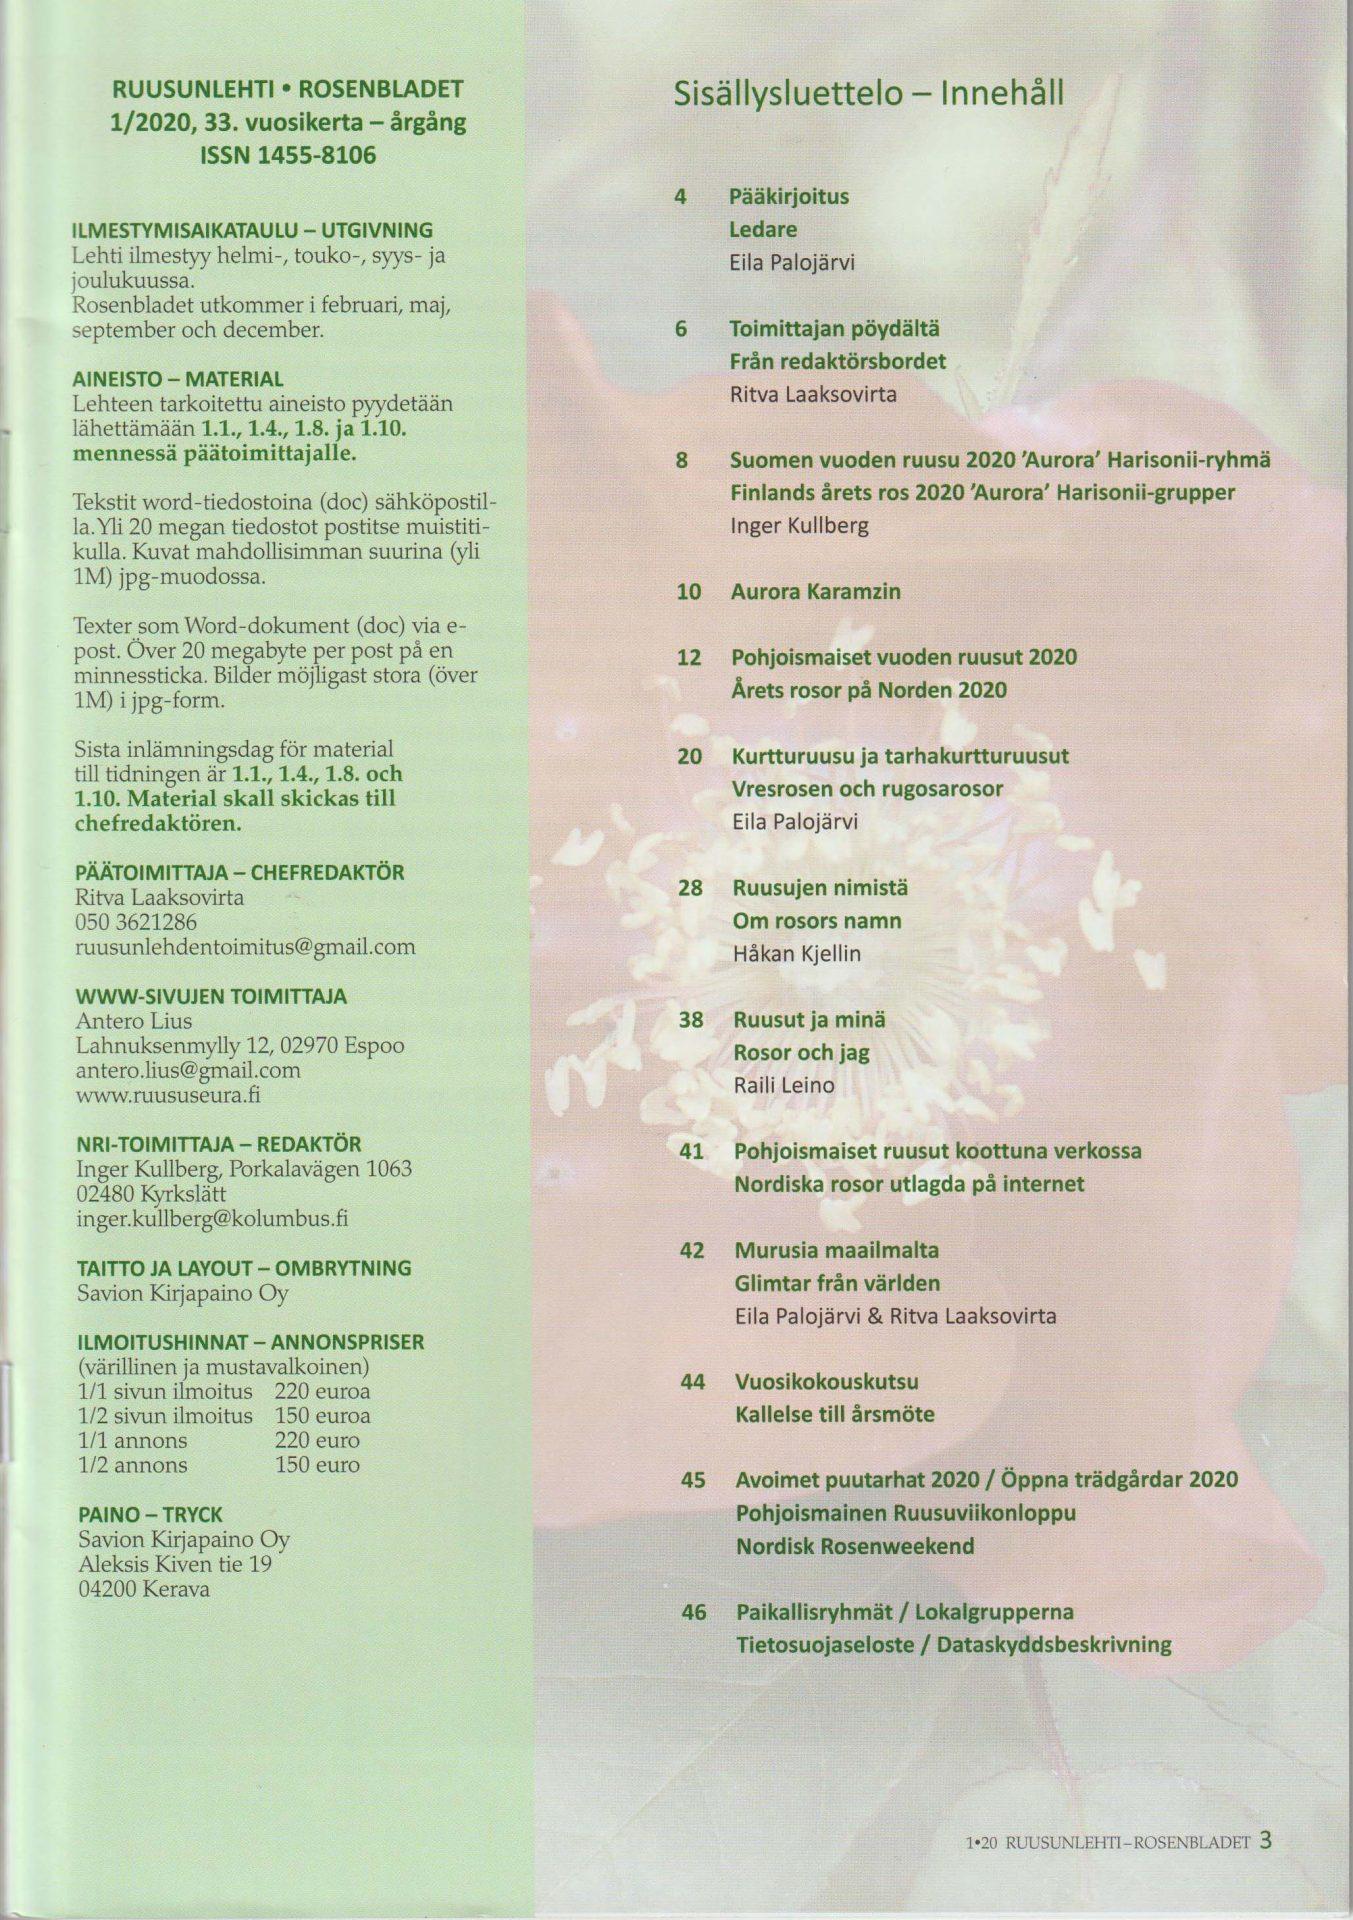 Rosenbladet 1 2020 innehålsförteckningmedium